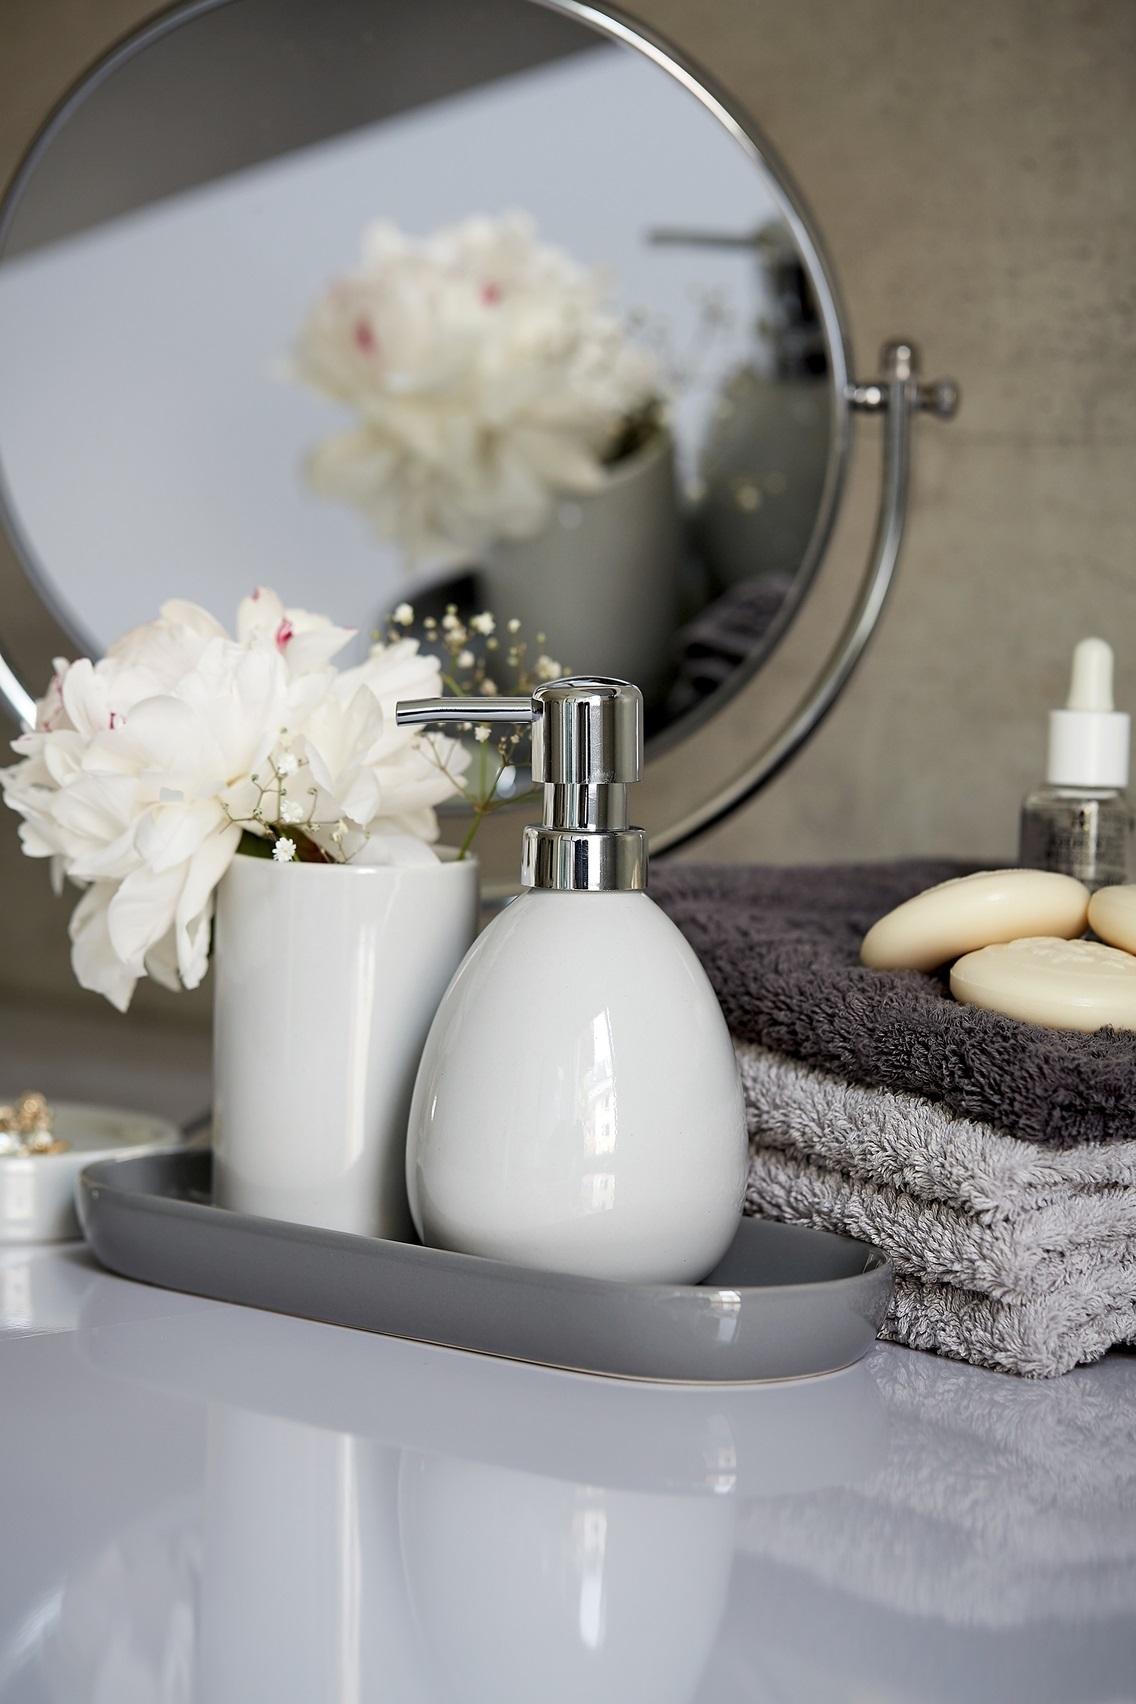 zestaw łazienkowy - Emako